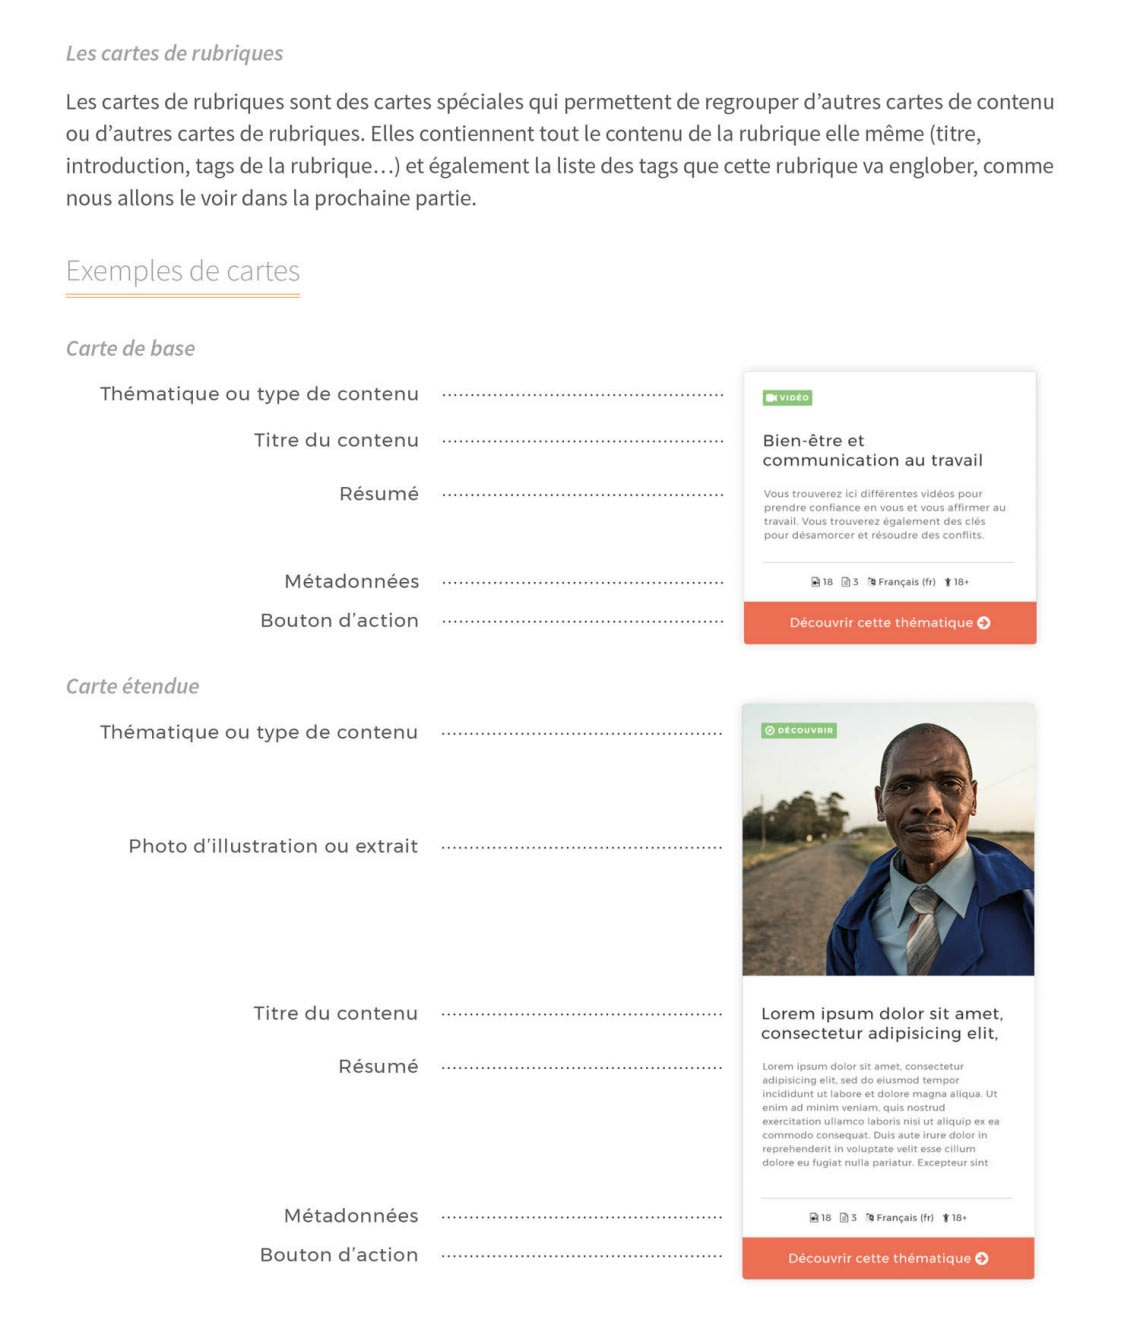 BSF - Bibliothèque numérique IdeasBox Conception,Direction Artistique,Webdesign,Stratégie